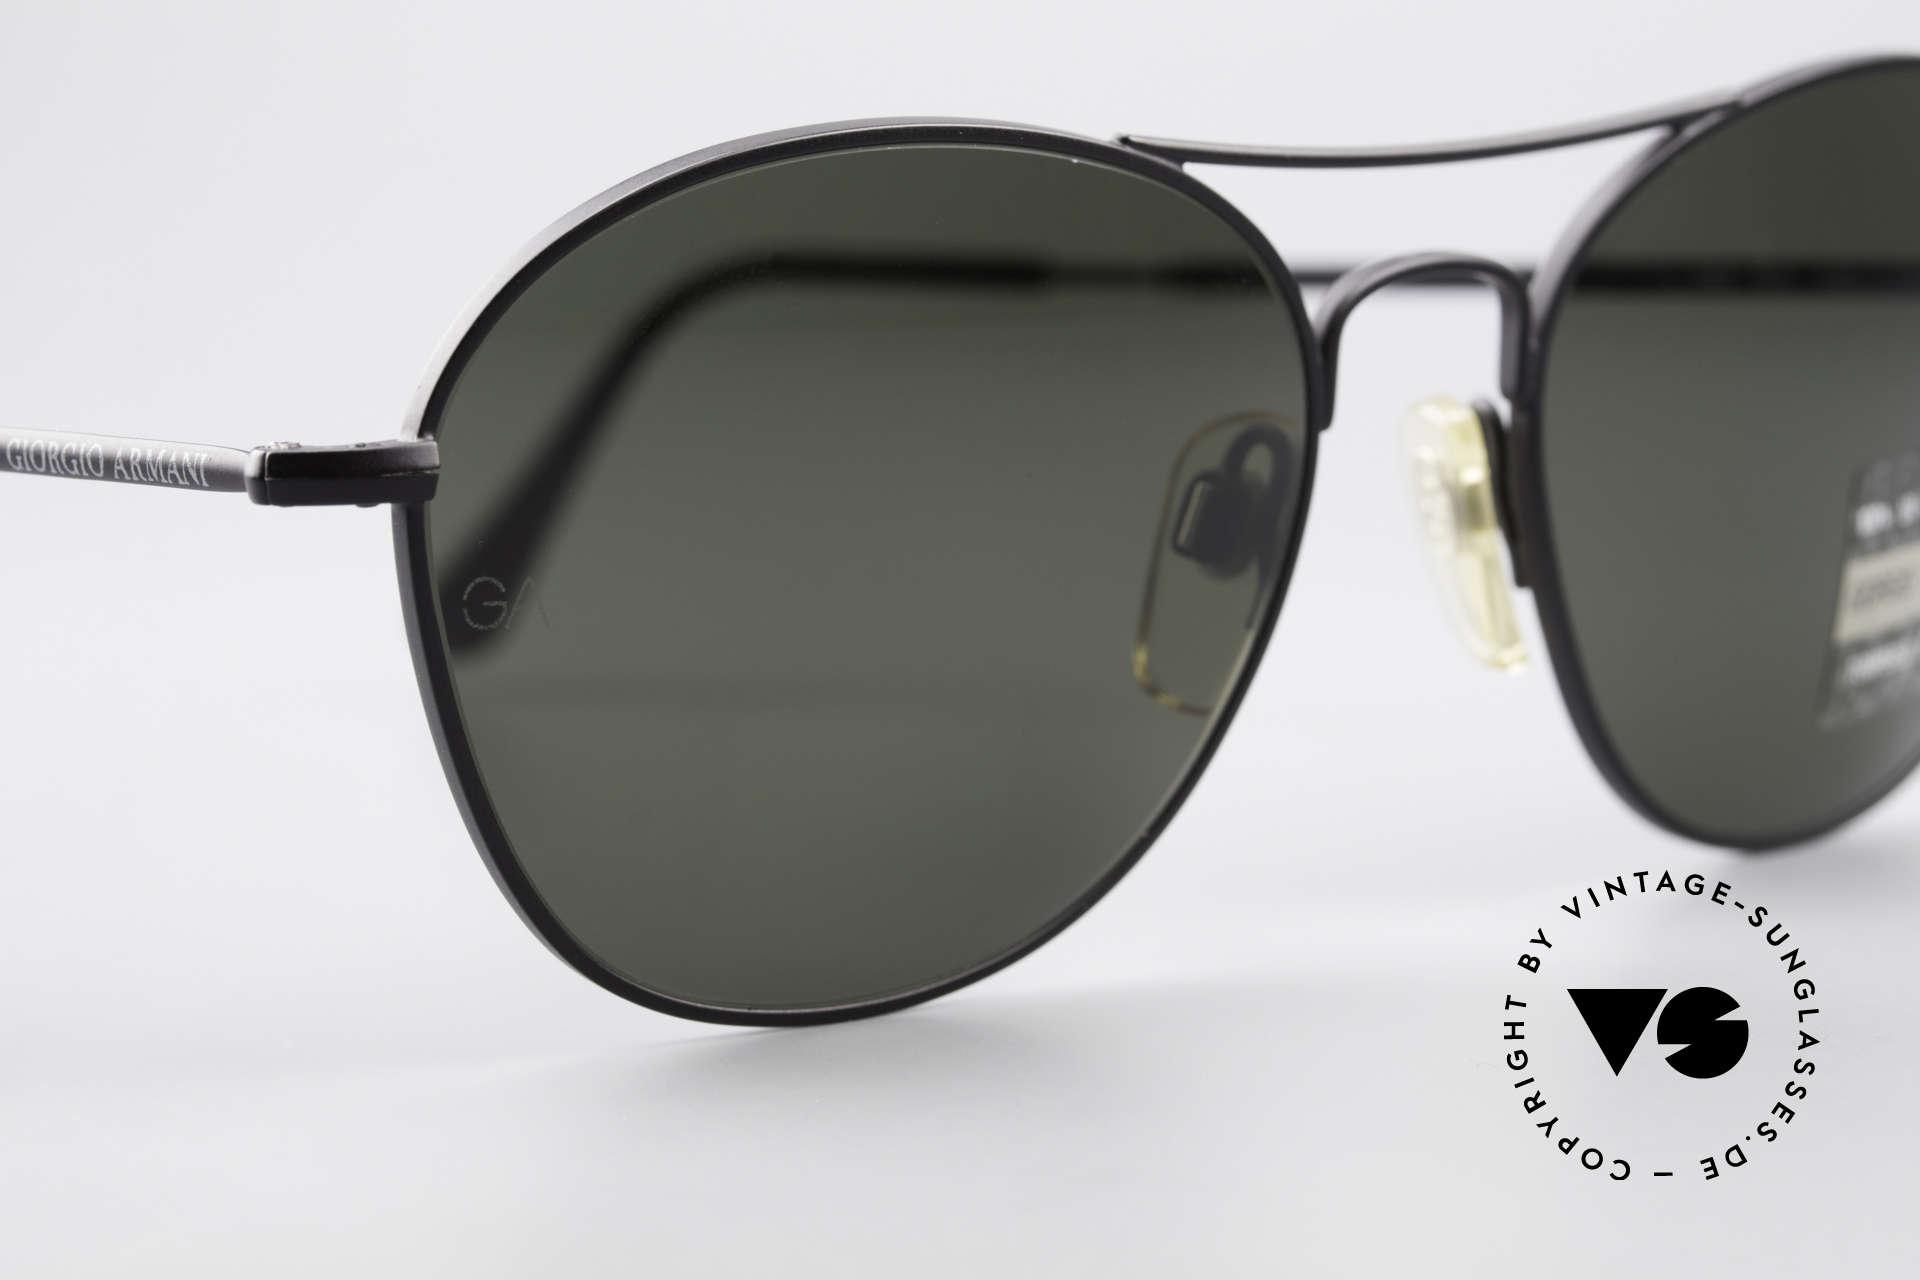 Giorgio Armani 646 Aviator Designer Sonnenbrille, auf 199,-€ reduziert, da Mini-Kratzer rechtes Glas, Passend für Herren